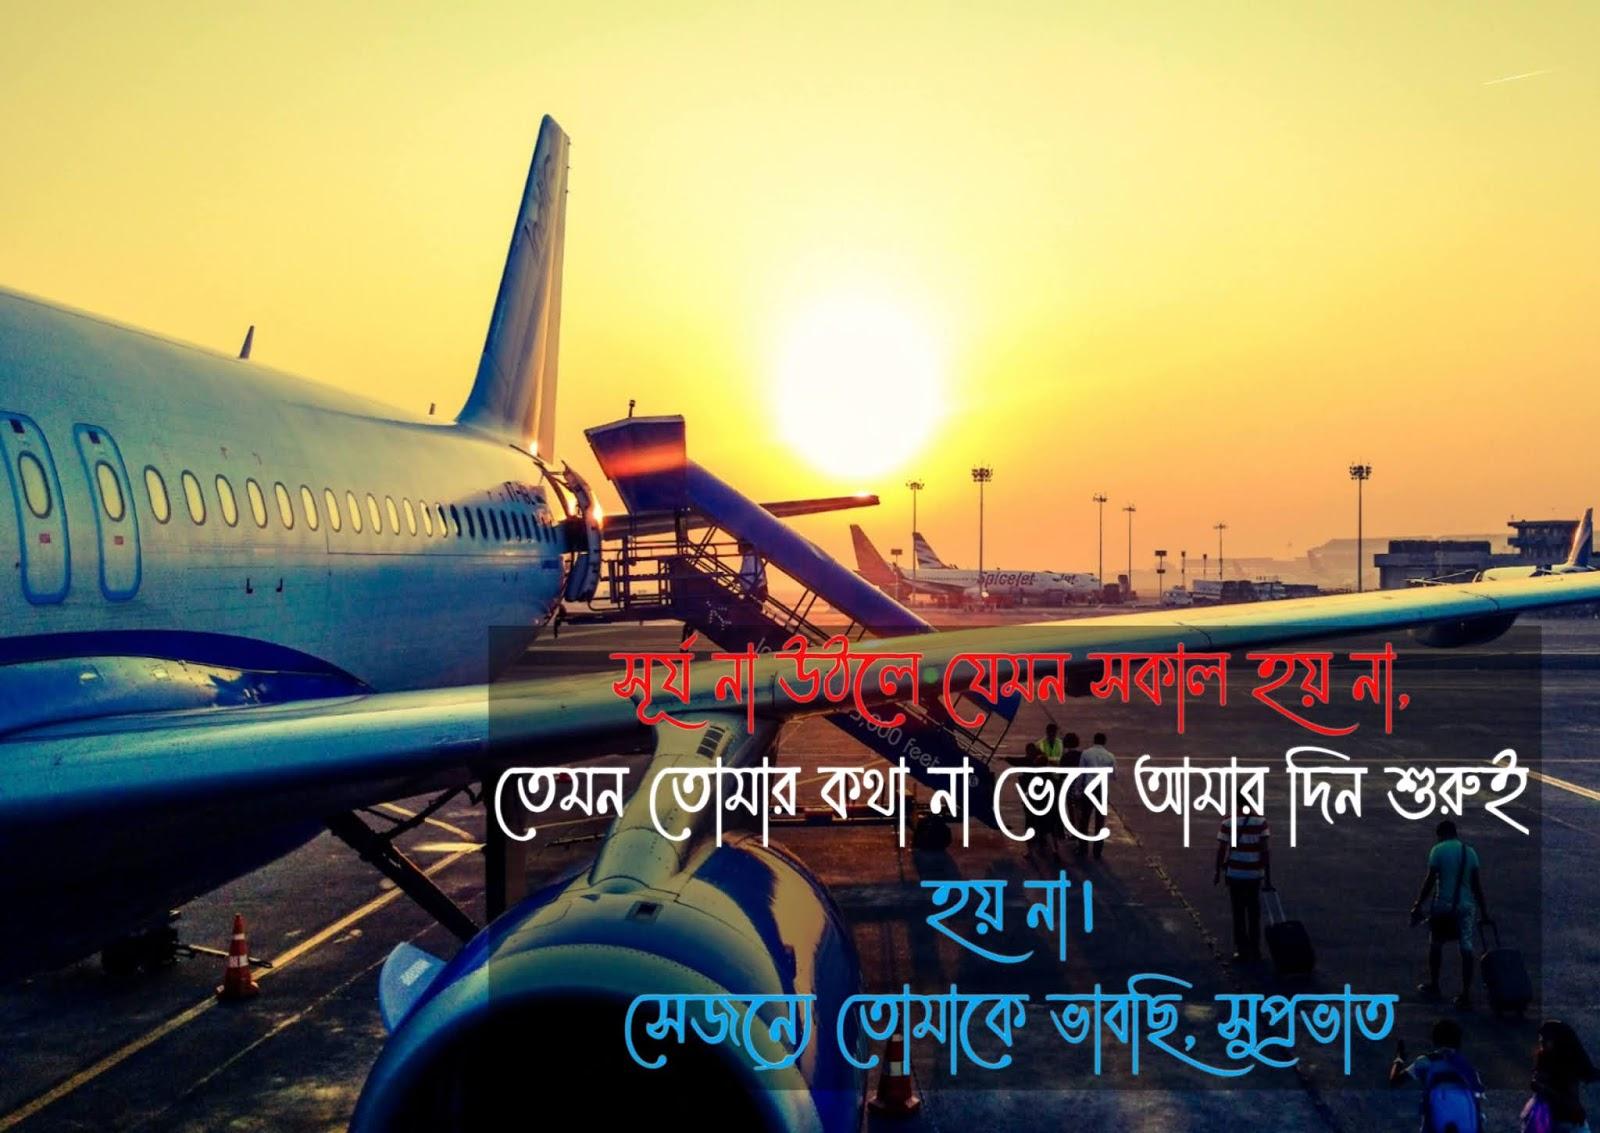 subha sakal image in bengali